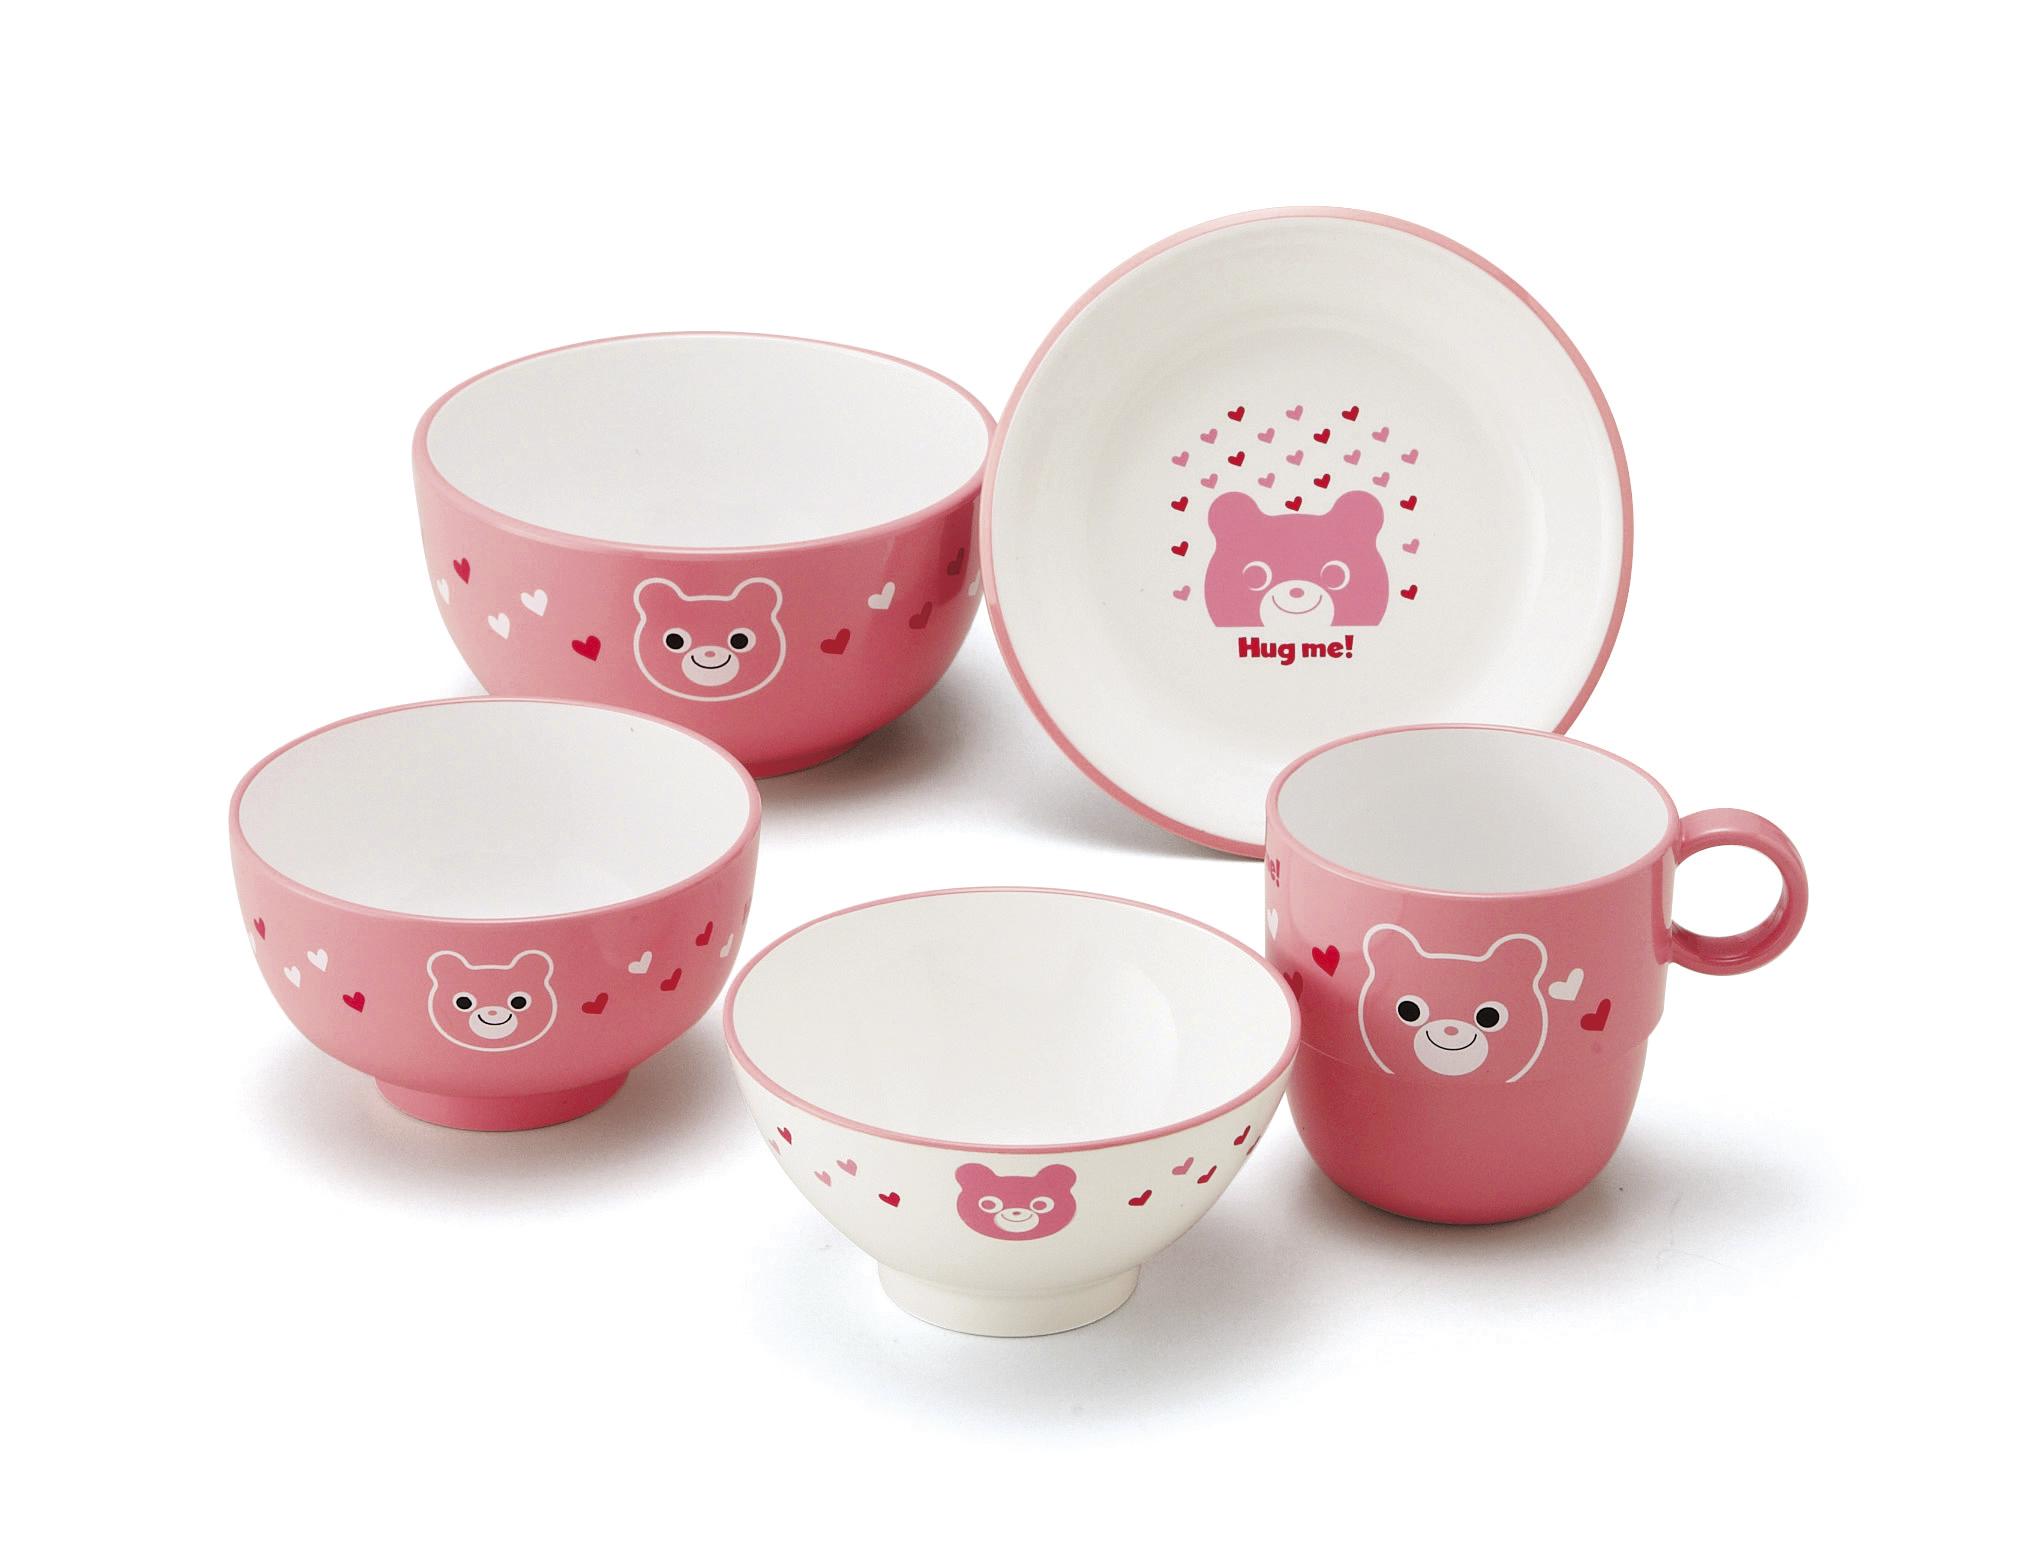 【ミタニ】キッズ食器セット ピンク